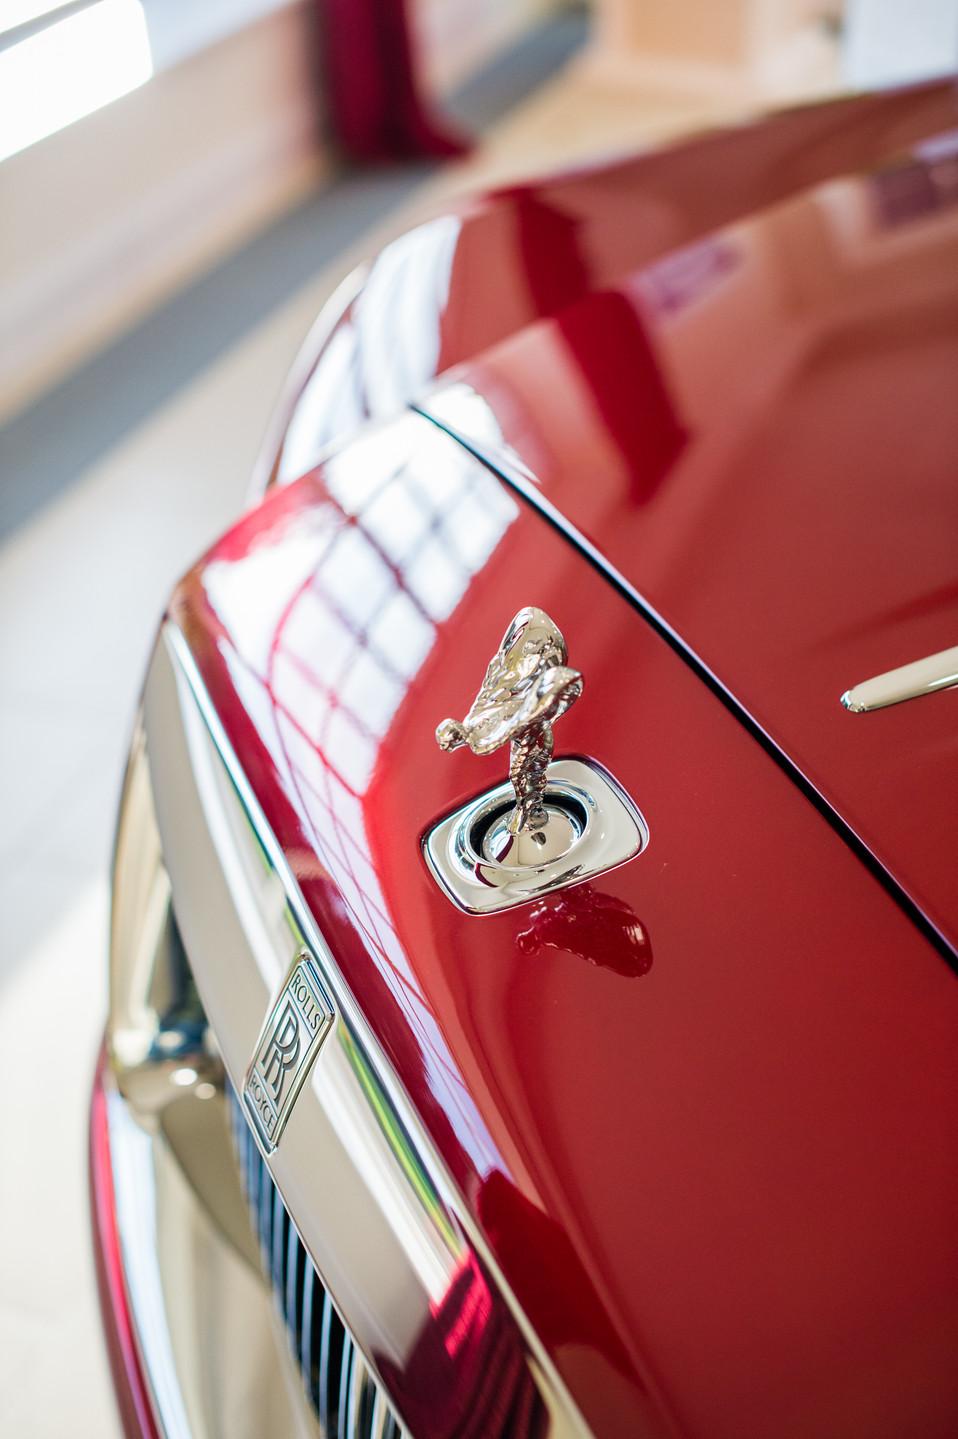 Rolls Royce dealership